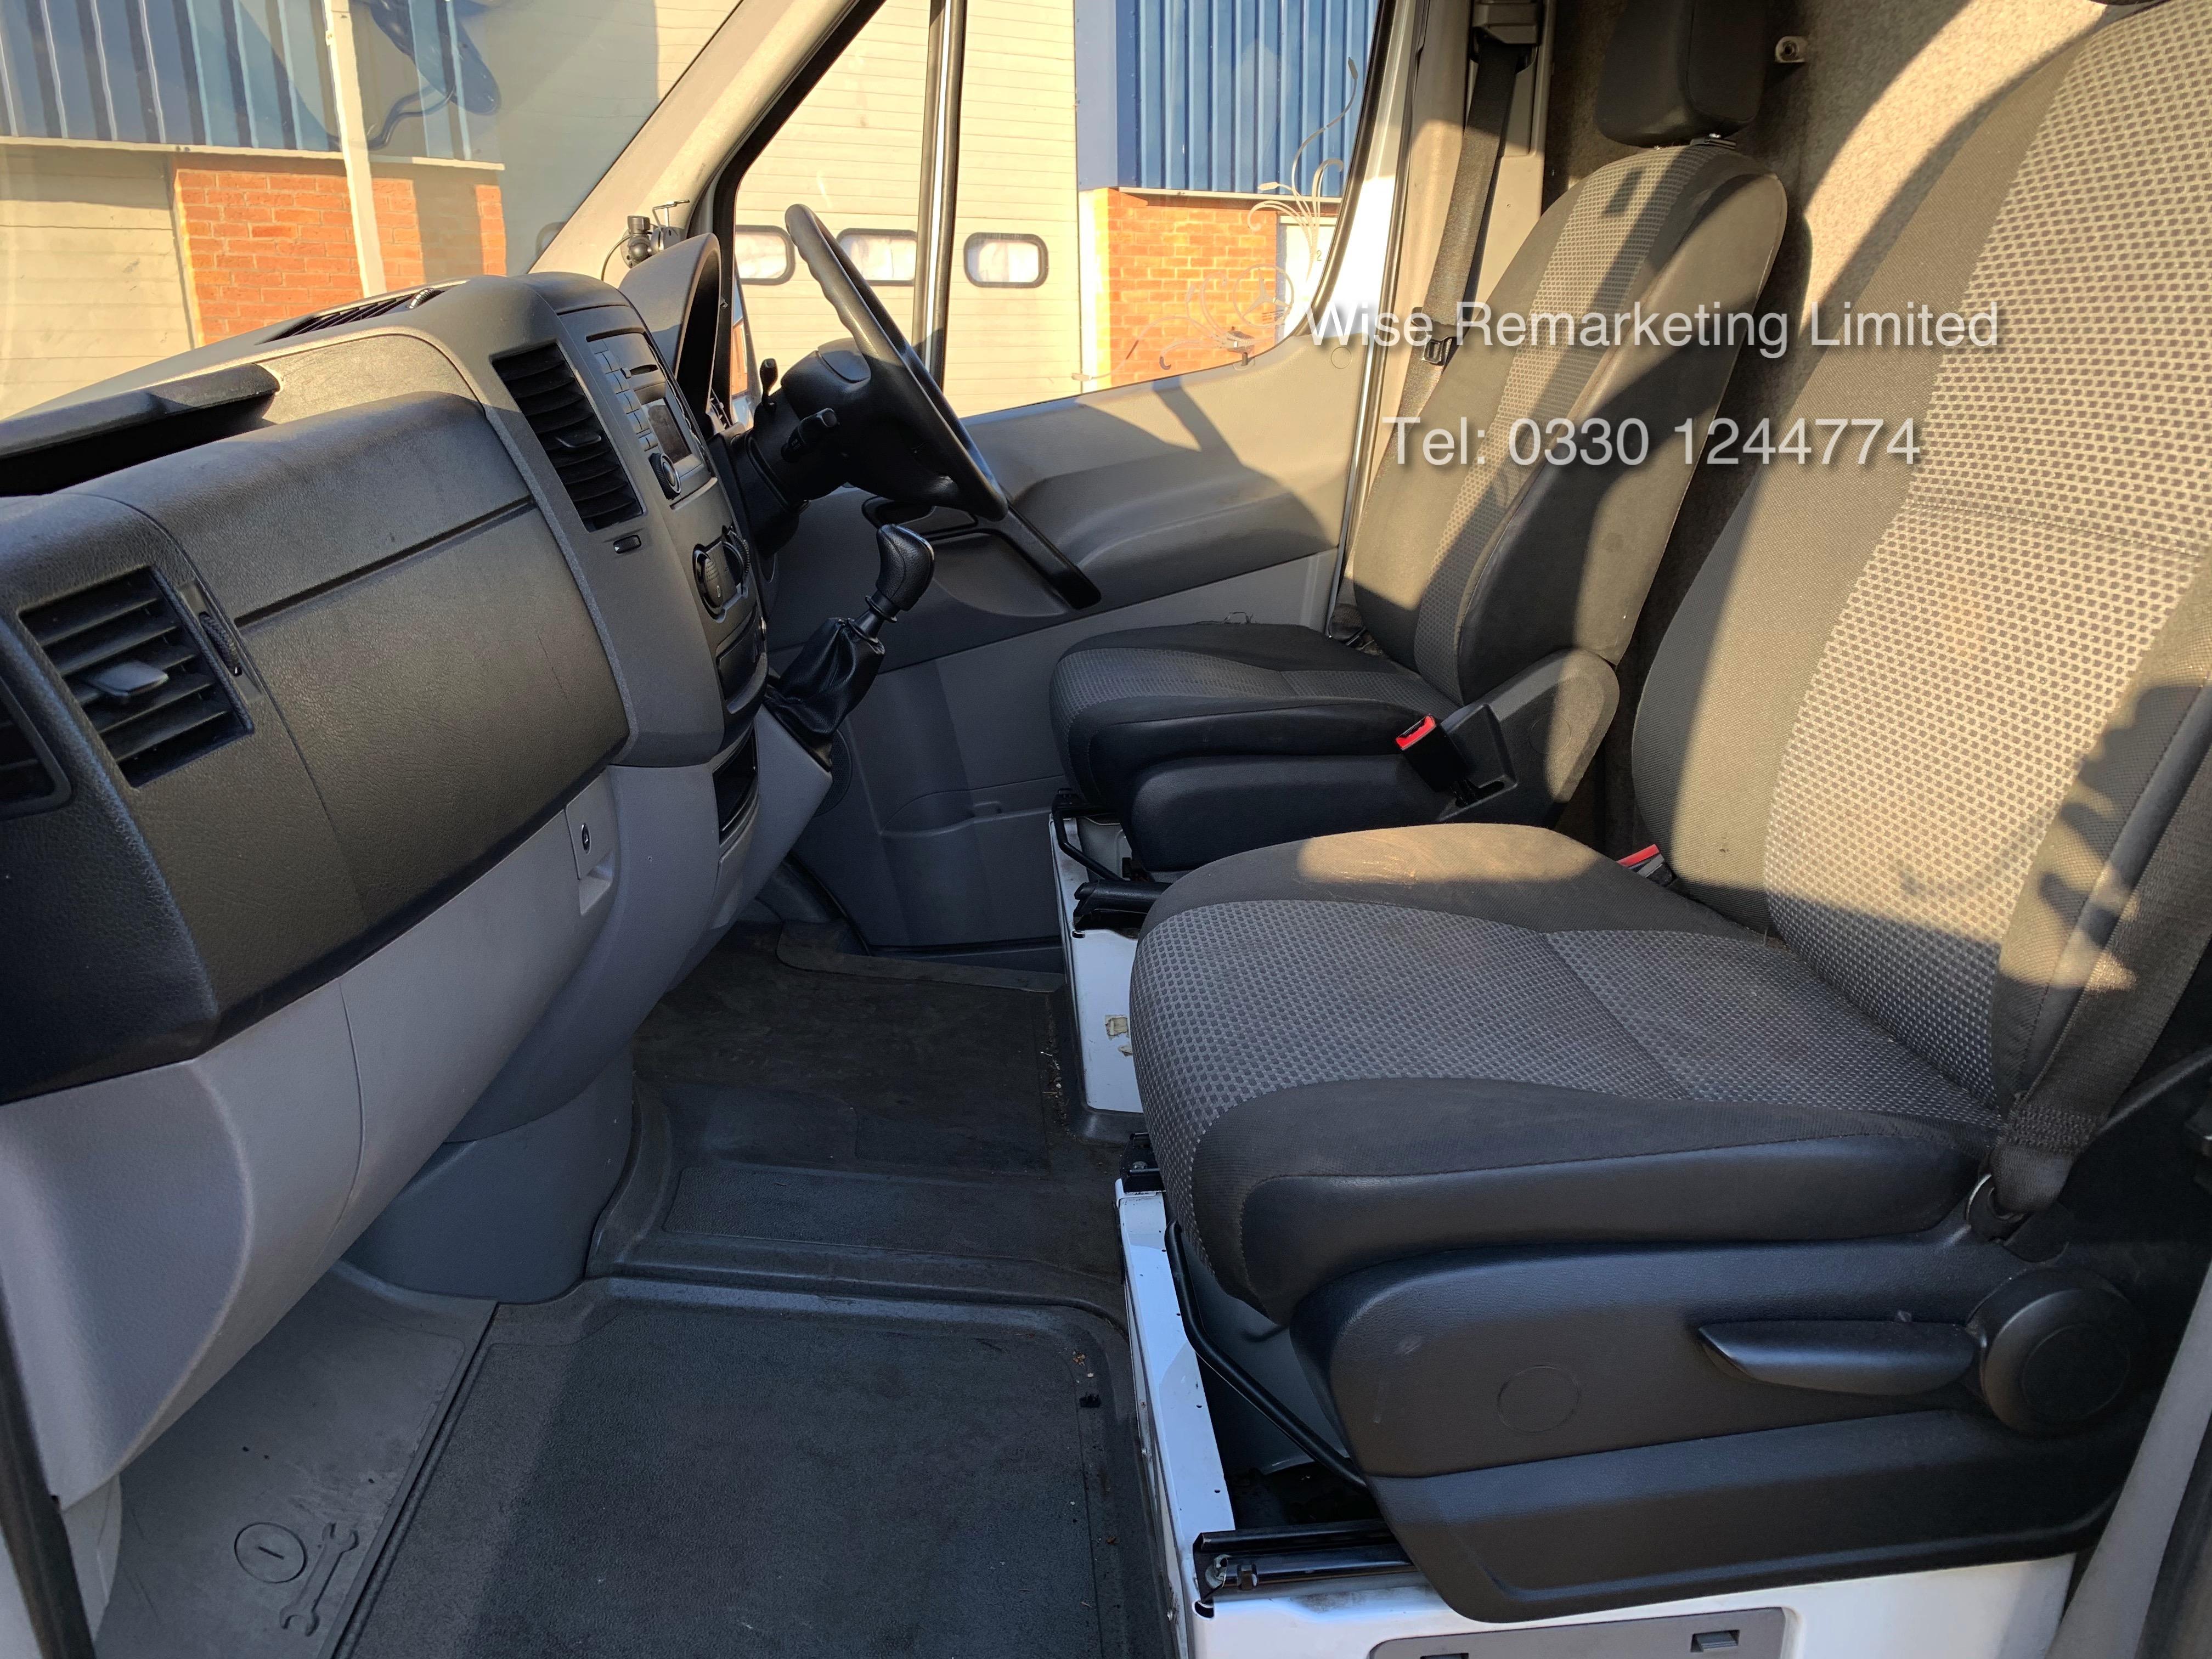 (RESERVE MET) Mercedes Sprinter 316 2.1 CDI Long Wheel Base High Roof Van - 2014 Model - 1 Owner - Image 13 of 19